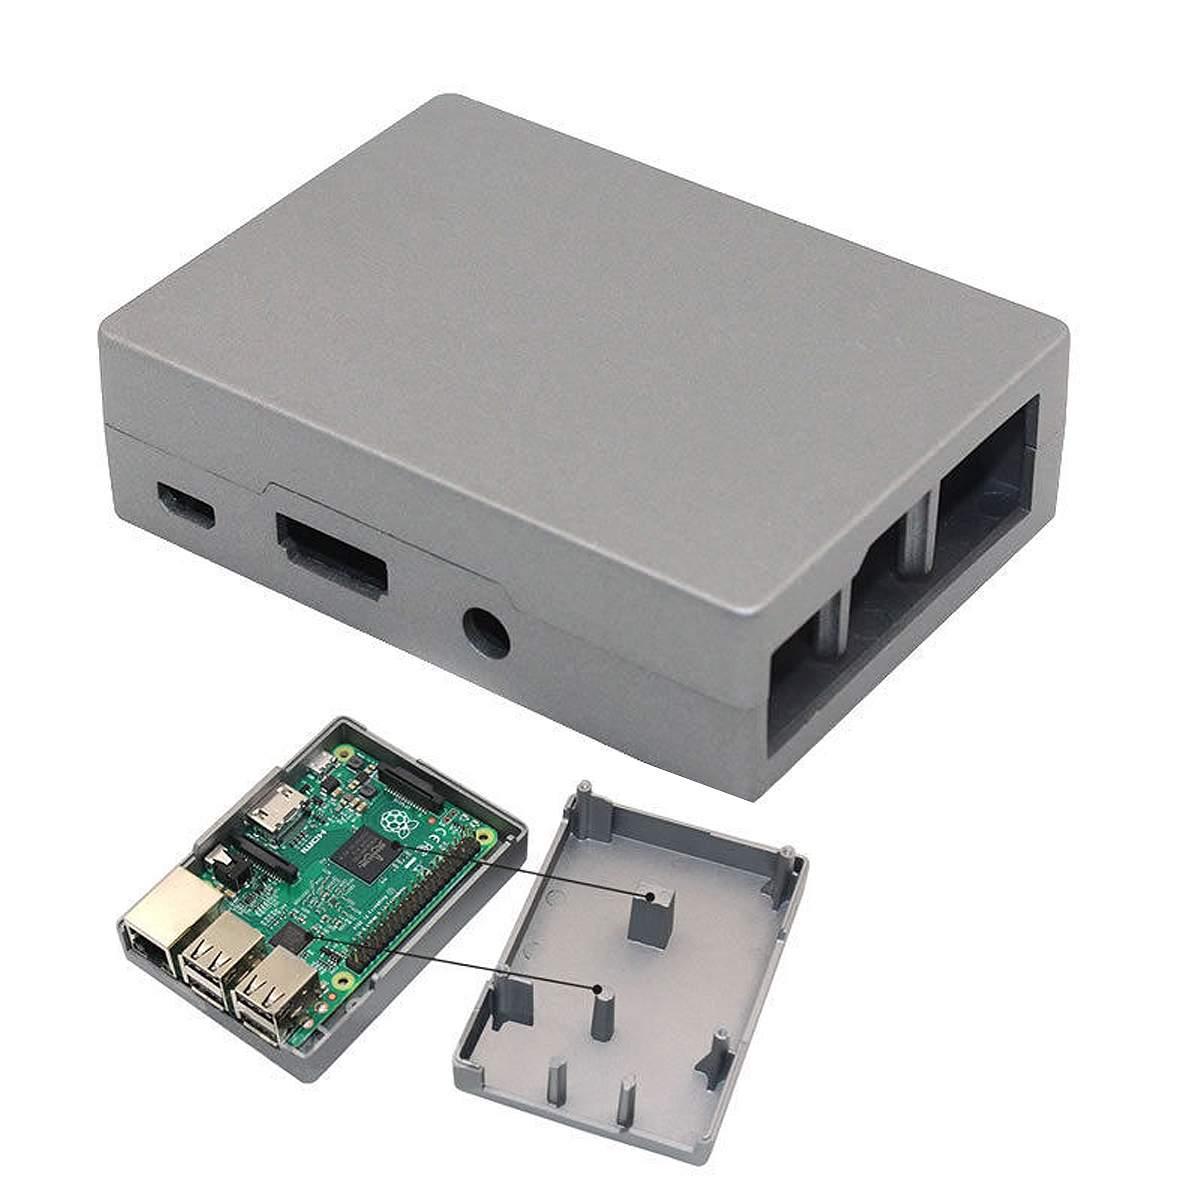 Прочный из алюминиевого сплава конструктивный металлический корпус коробка для Pi B +/B/Pi 2/Pi 3 не нужен вентилятор радиатора, необходимый порт